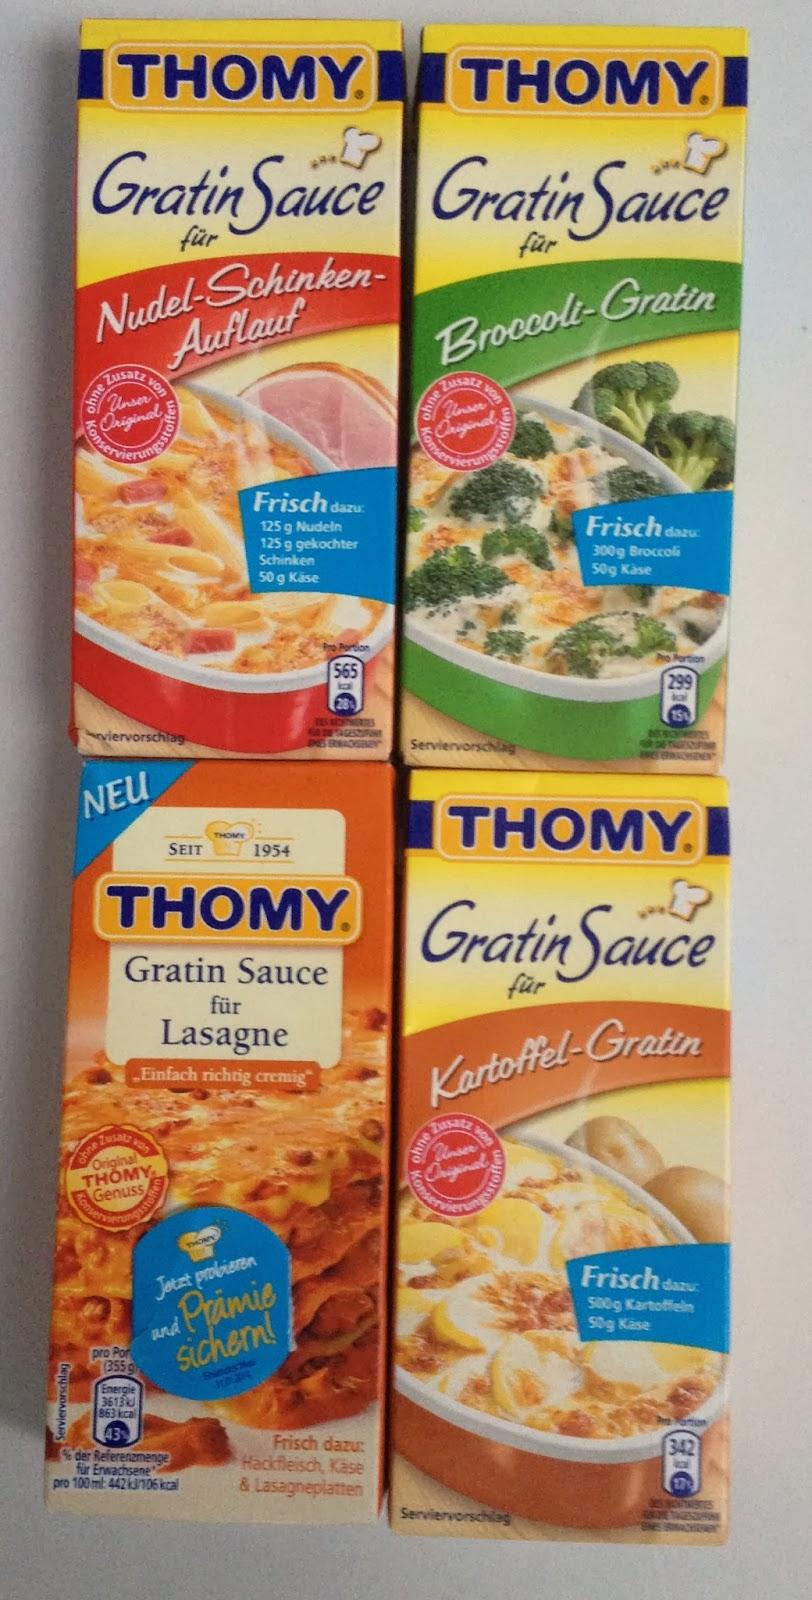 Nudel-Schinken-Auflauf; Brokkoli-Gratin; Gratin Sauce für Lasagne; Kartoffel-Gratin